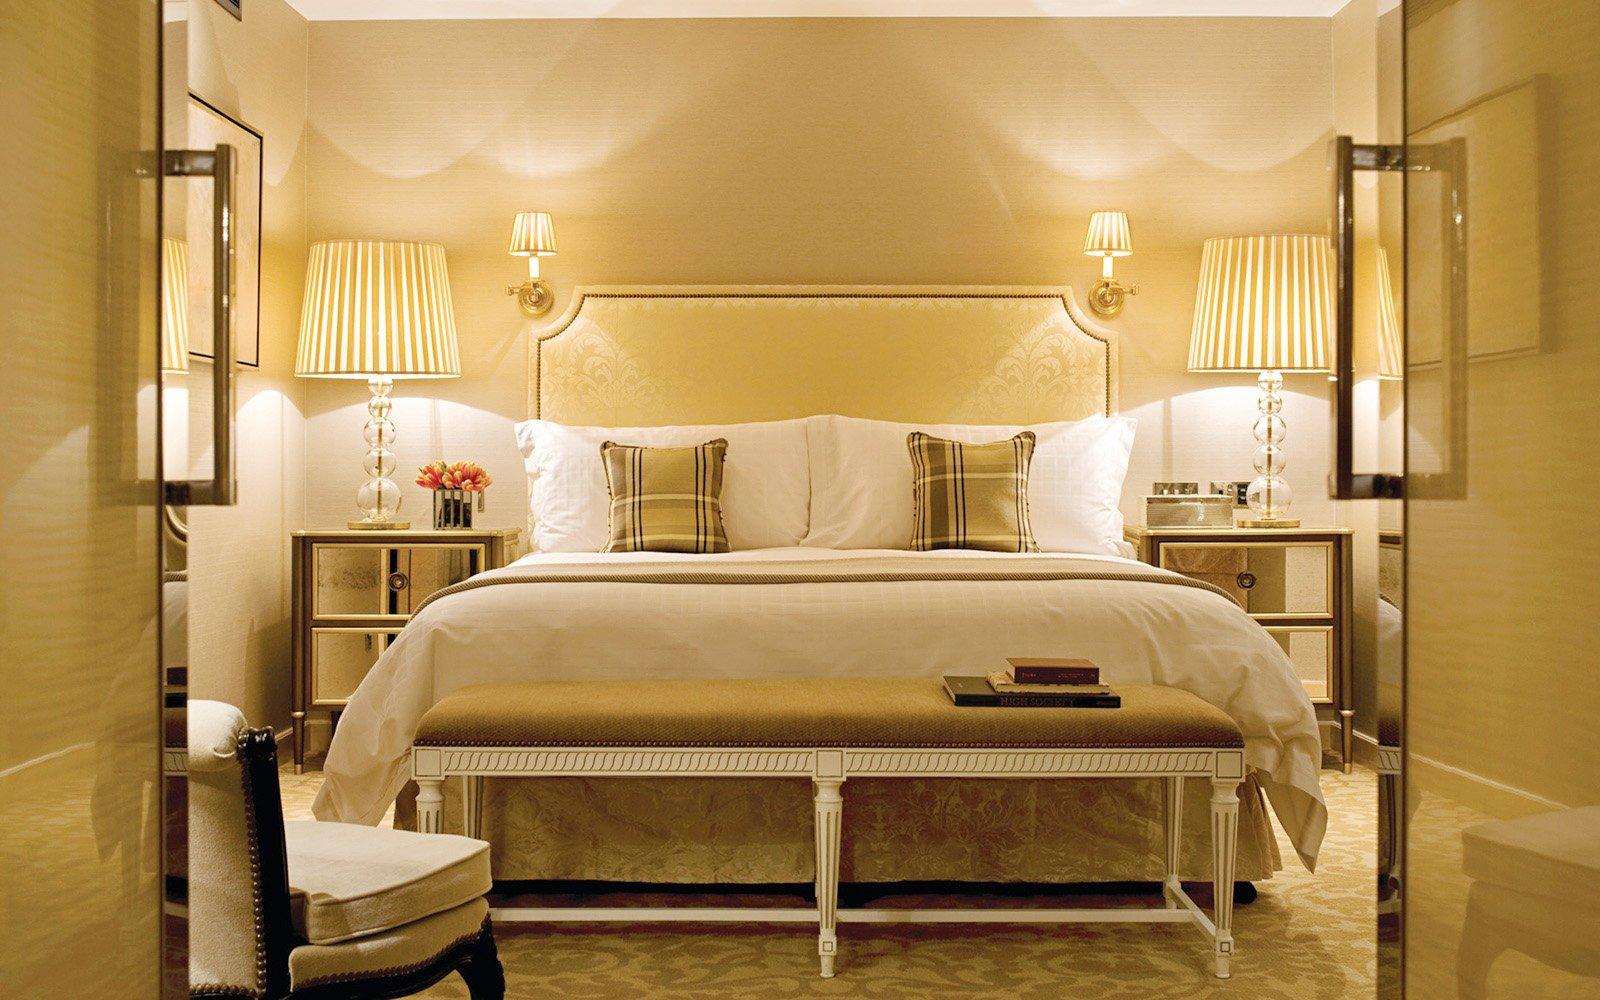 宾馆单间床头壁灯装修效果图